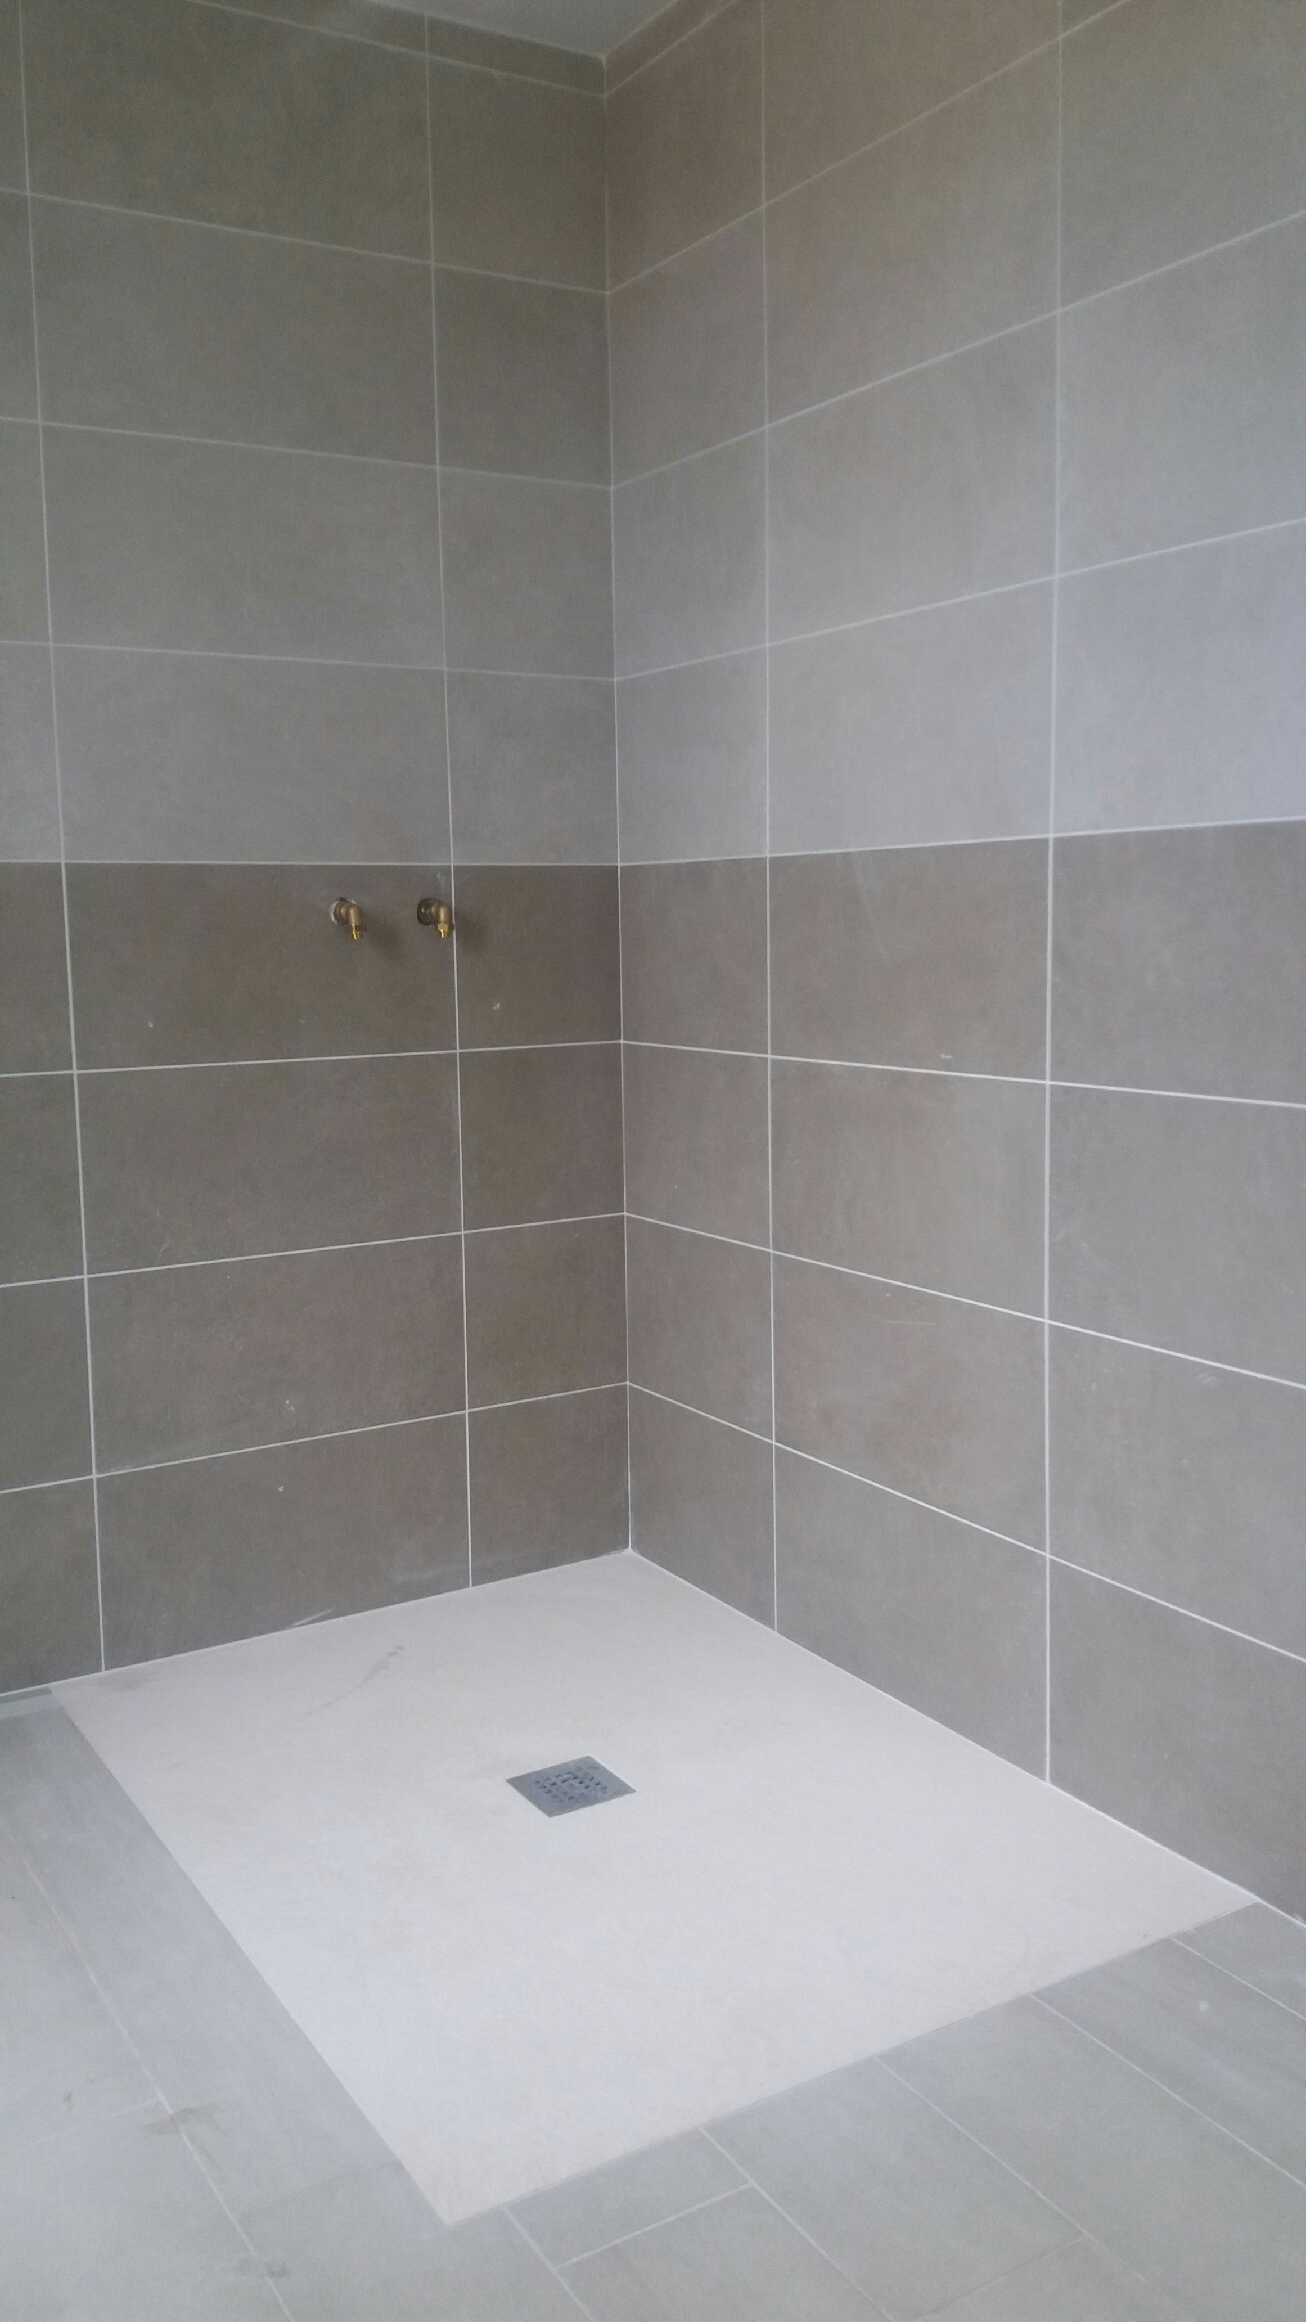 realiser une douche italienne elegant la salle de bains avant les travaux with realiser une. Black Bedroom Furniture Sets. Home Design Ideas